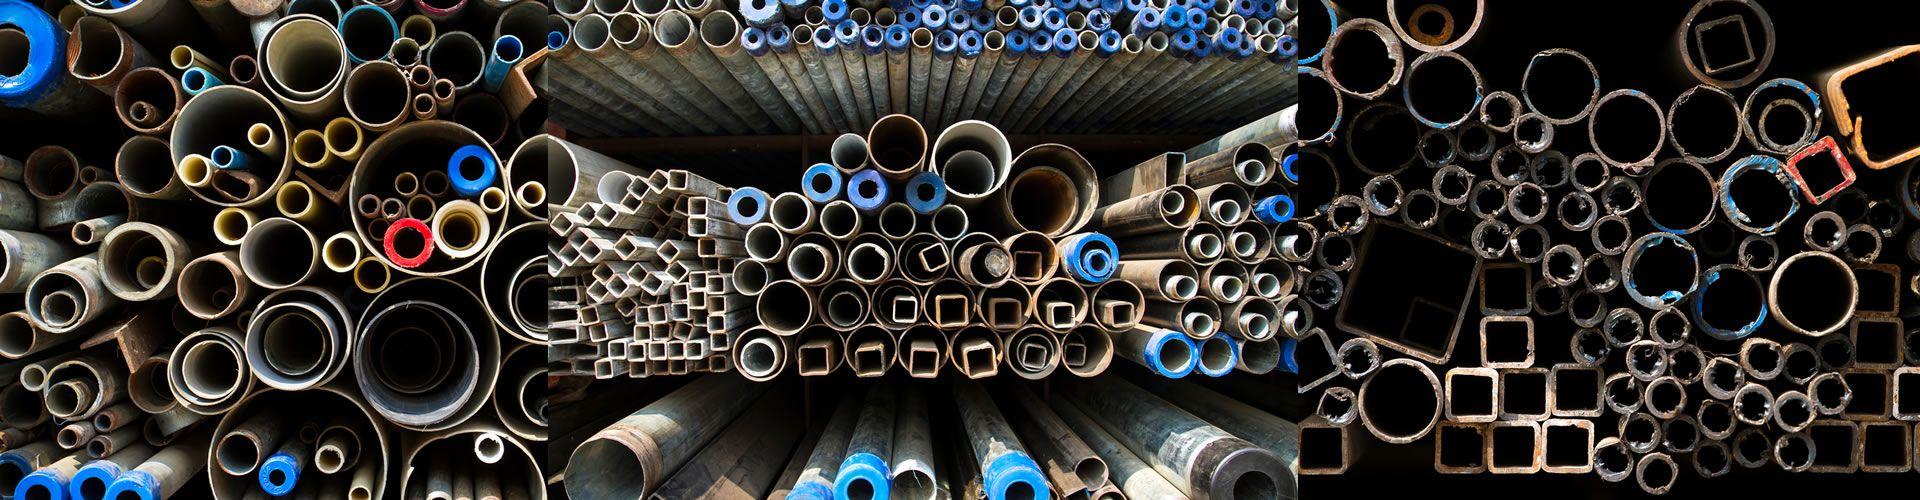 Steel Pipes & Fittings Port Elizabeth